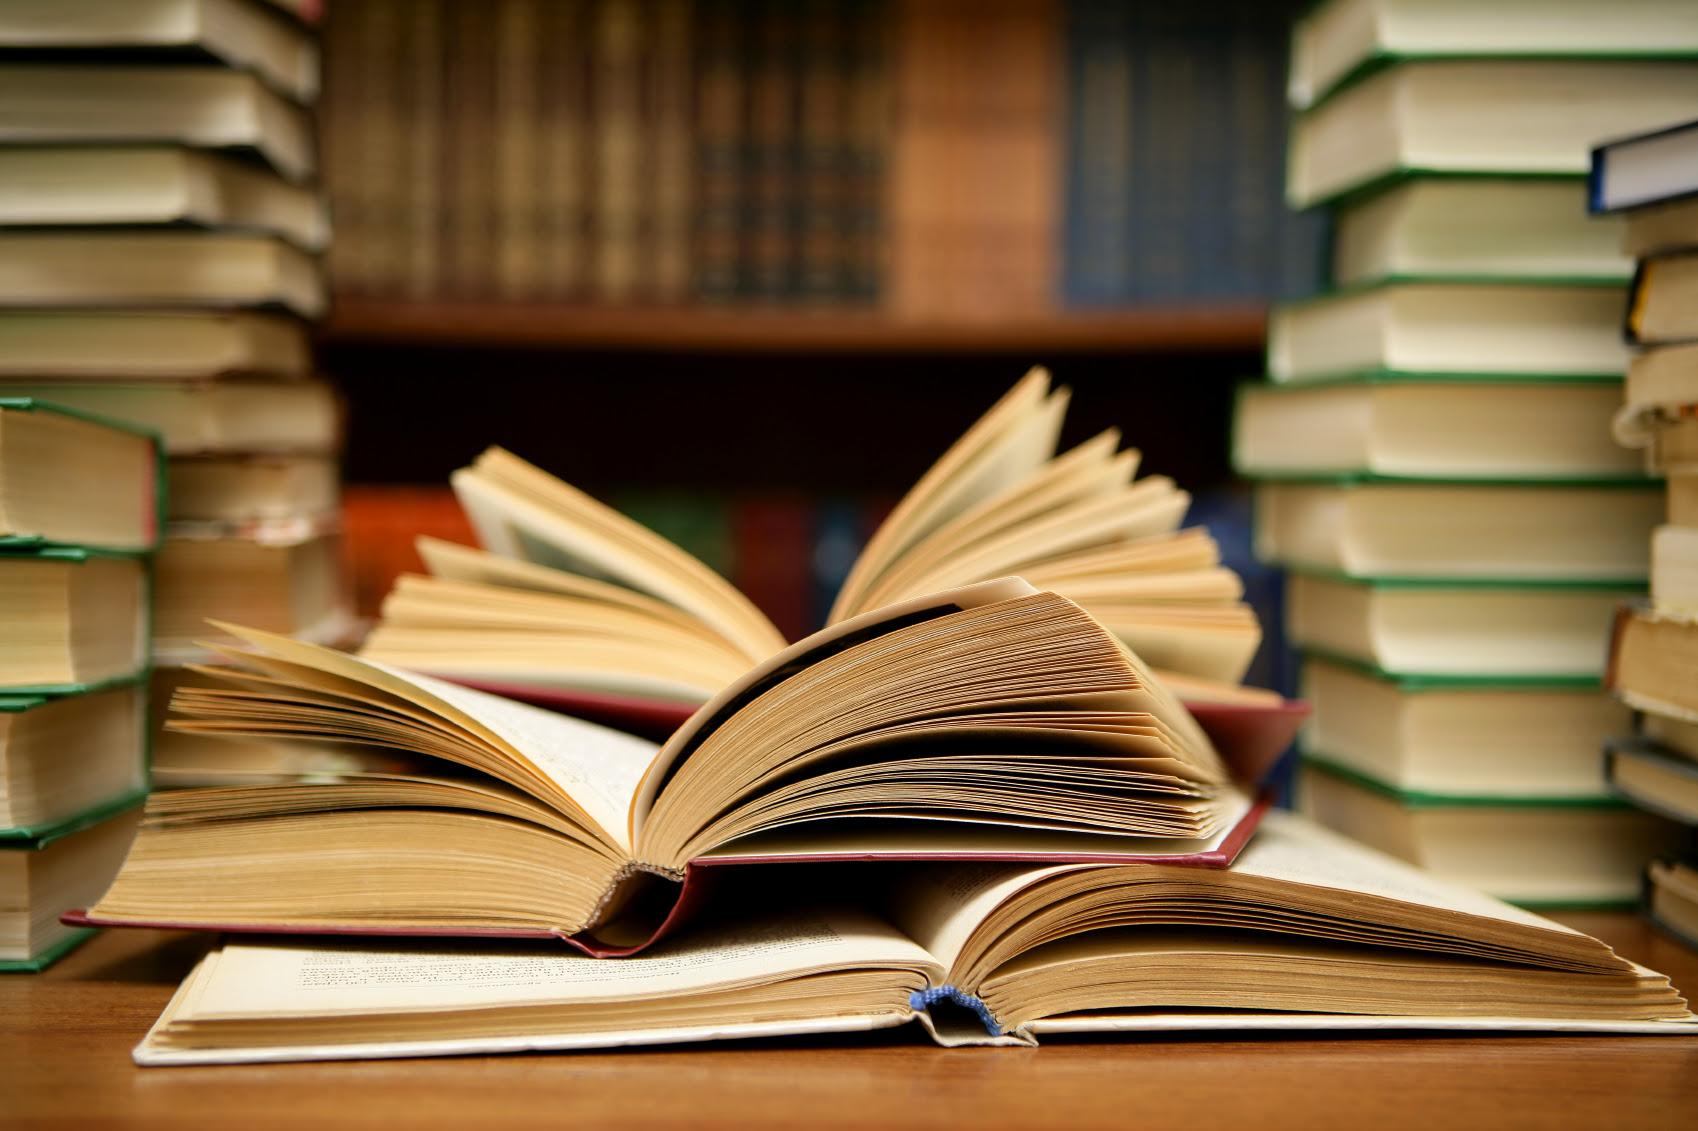 Αποτέλεσμα εικόνας για books